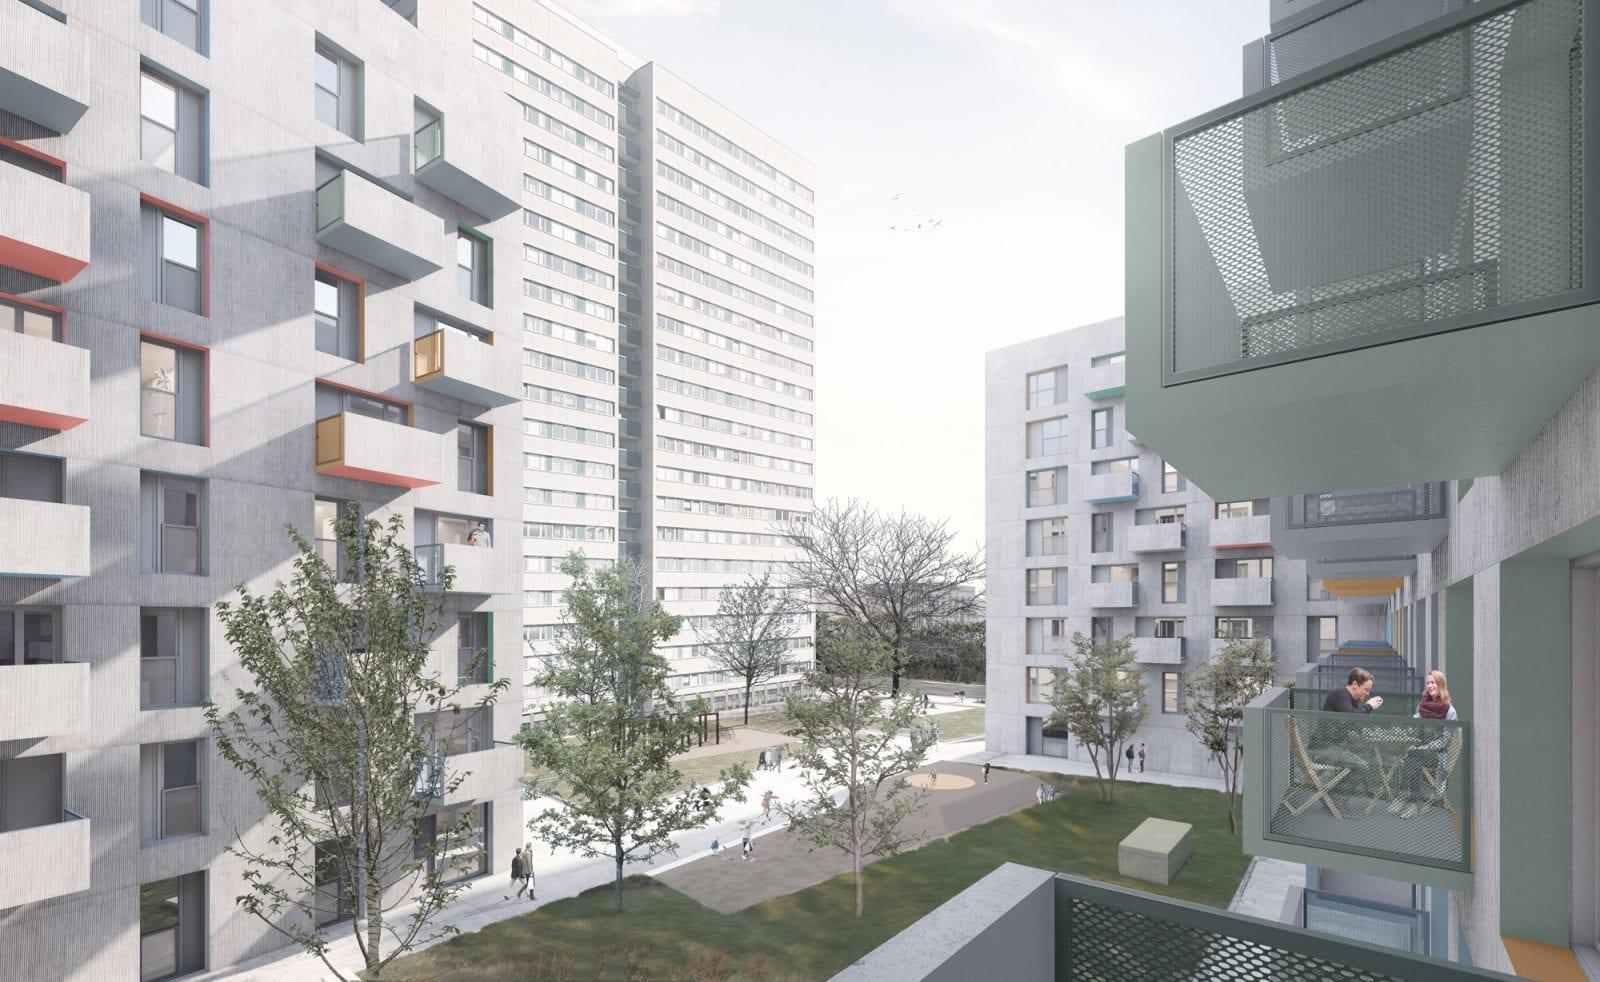 Wohnungsneubau von blauraum Architekten auf der Fischerinsel: Blick in den Innenhof (Bild: blauraum Architekten)